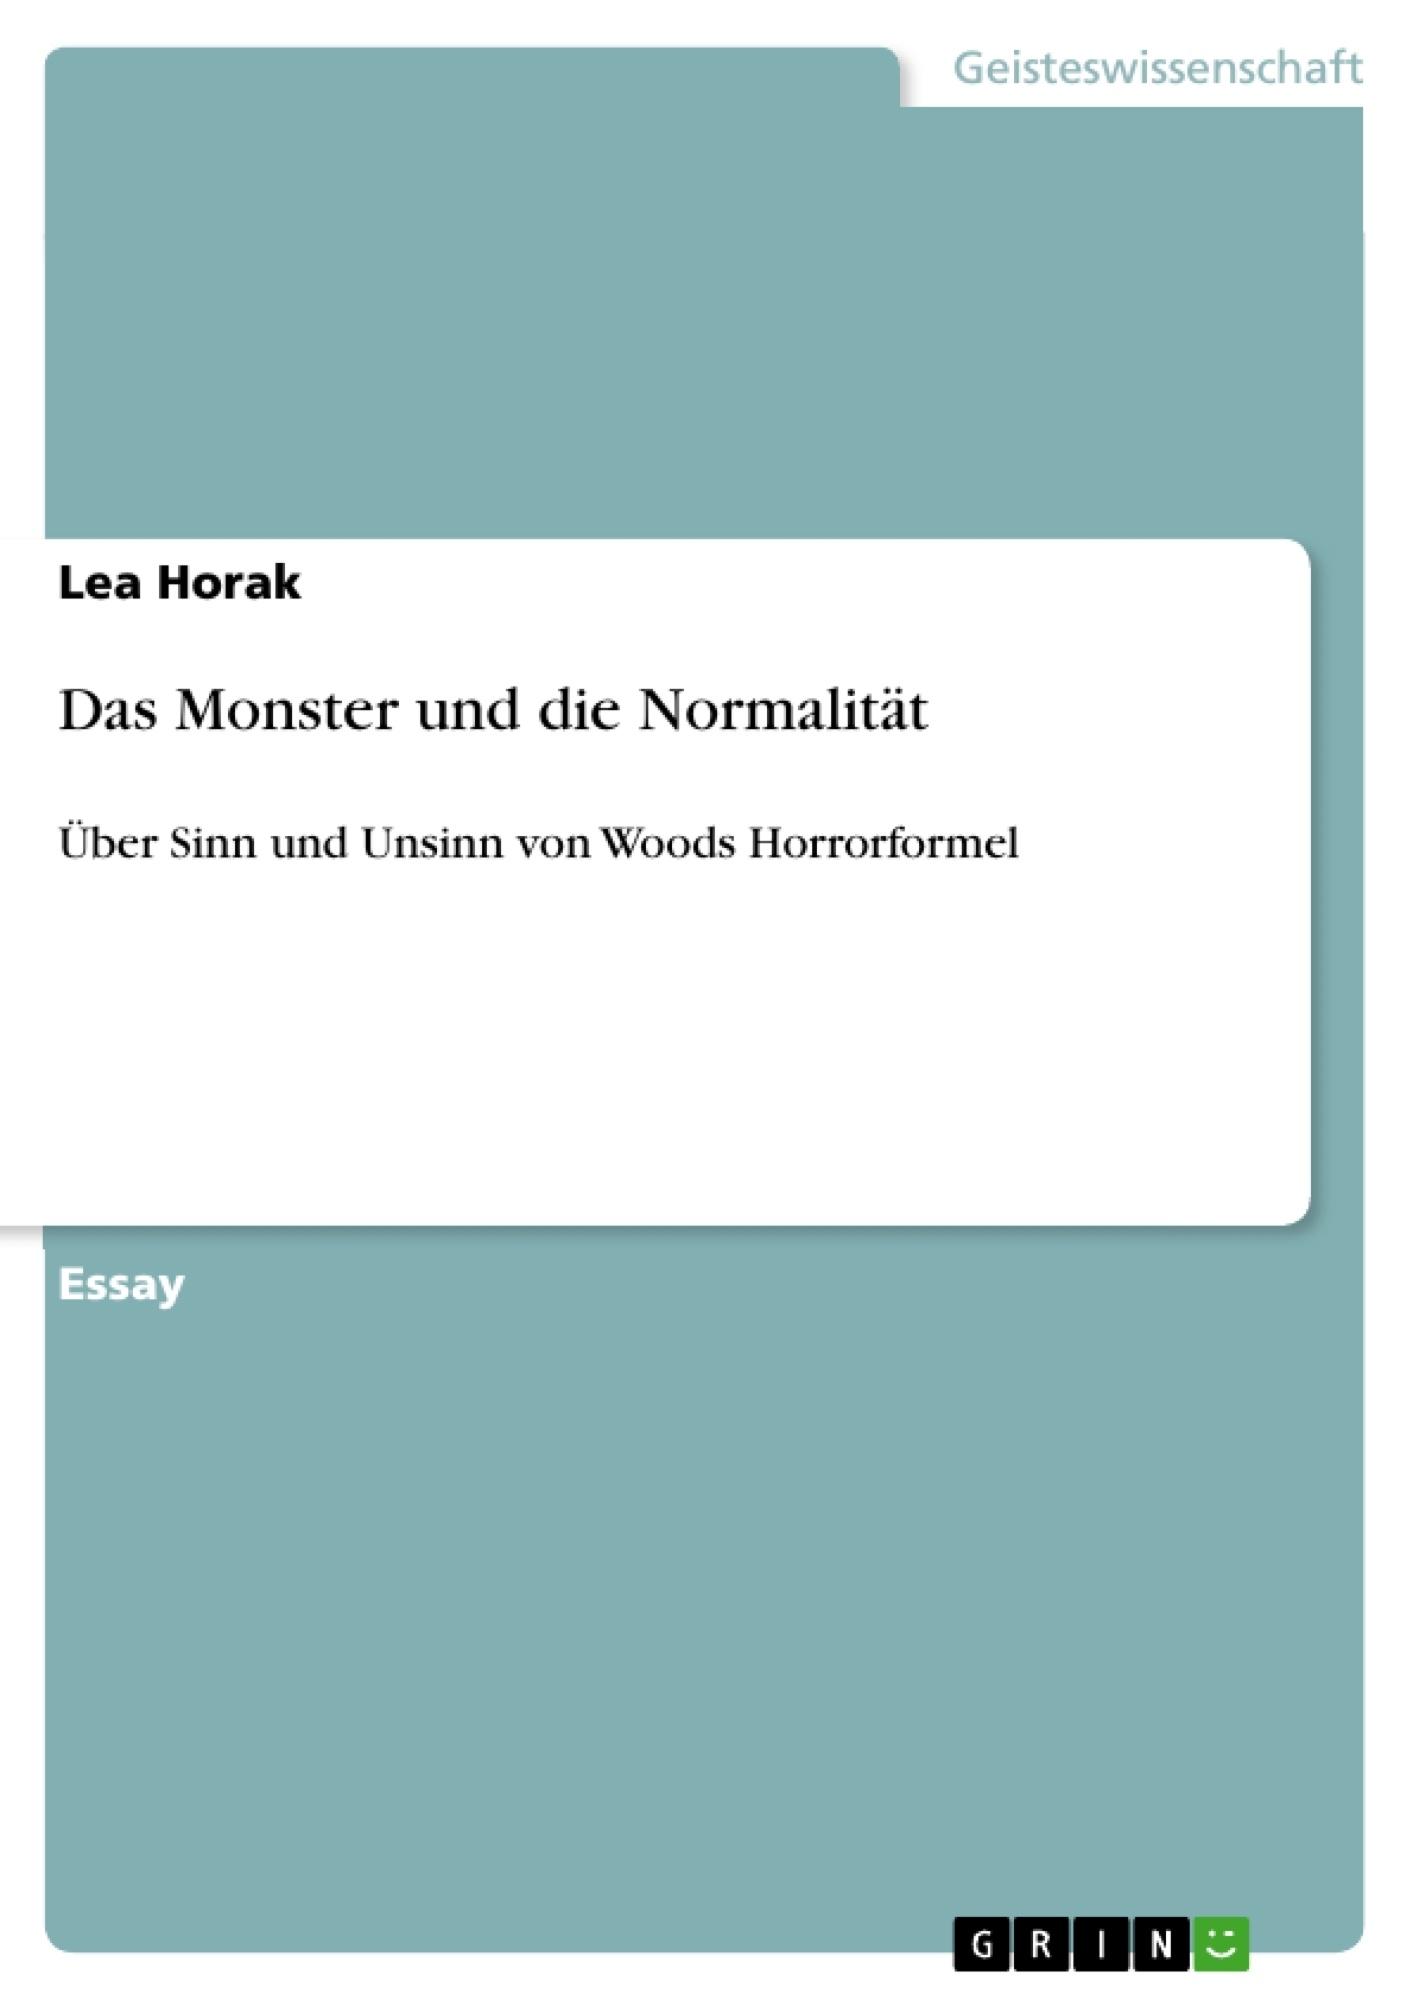 Titel: Das Monster und die Normalität